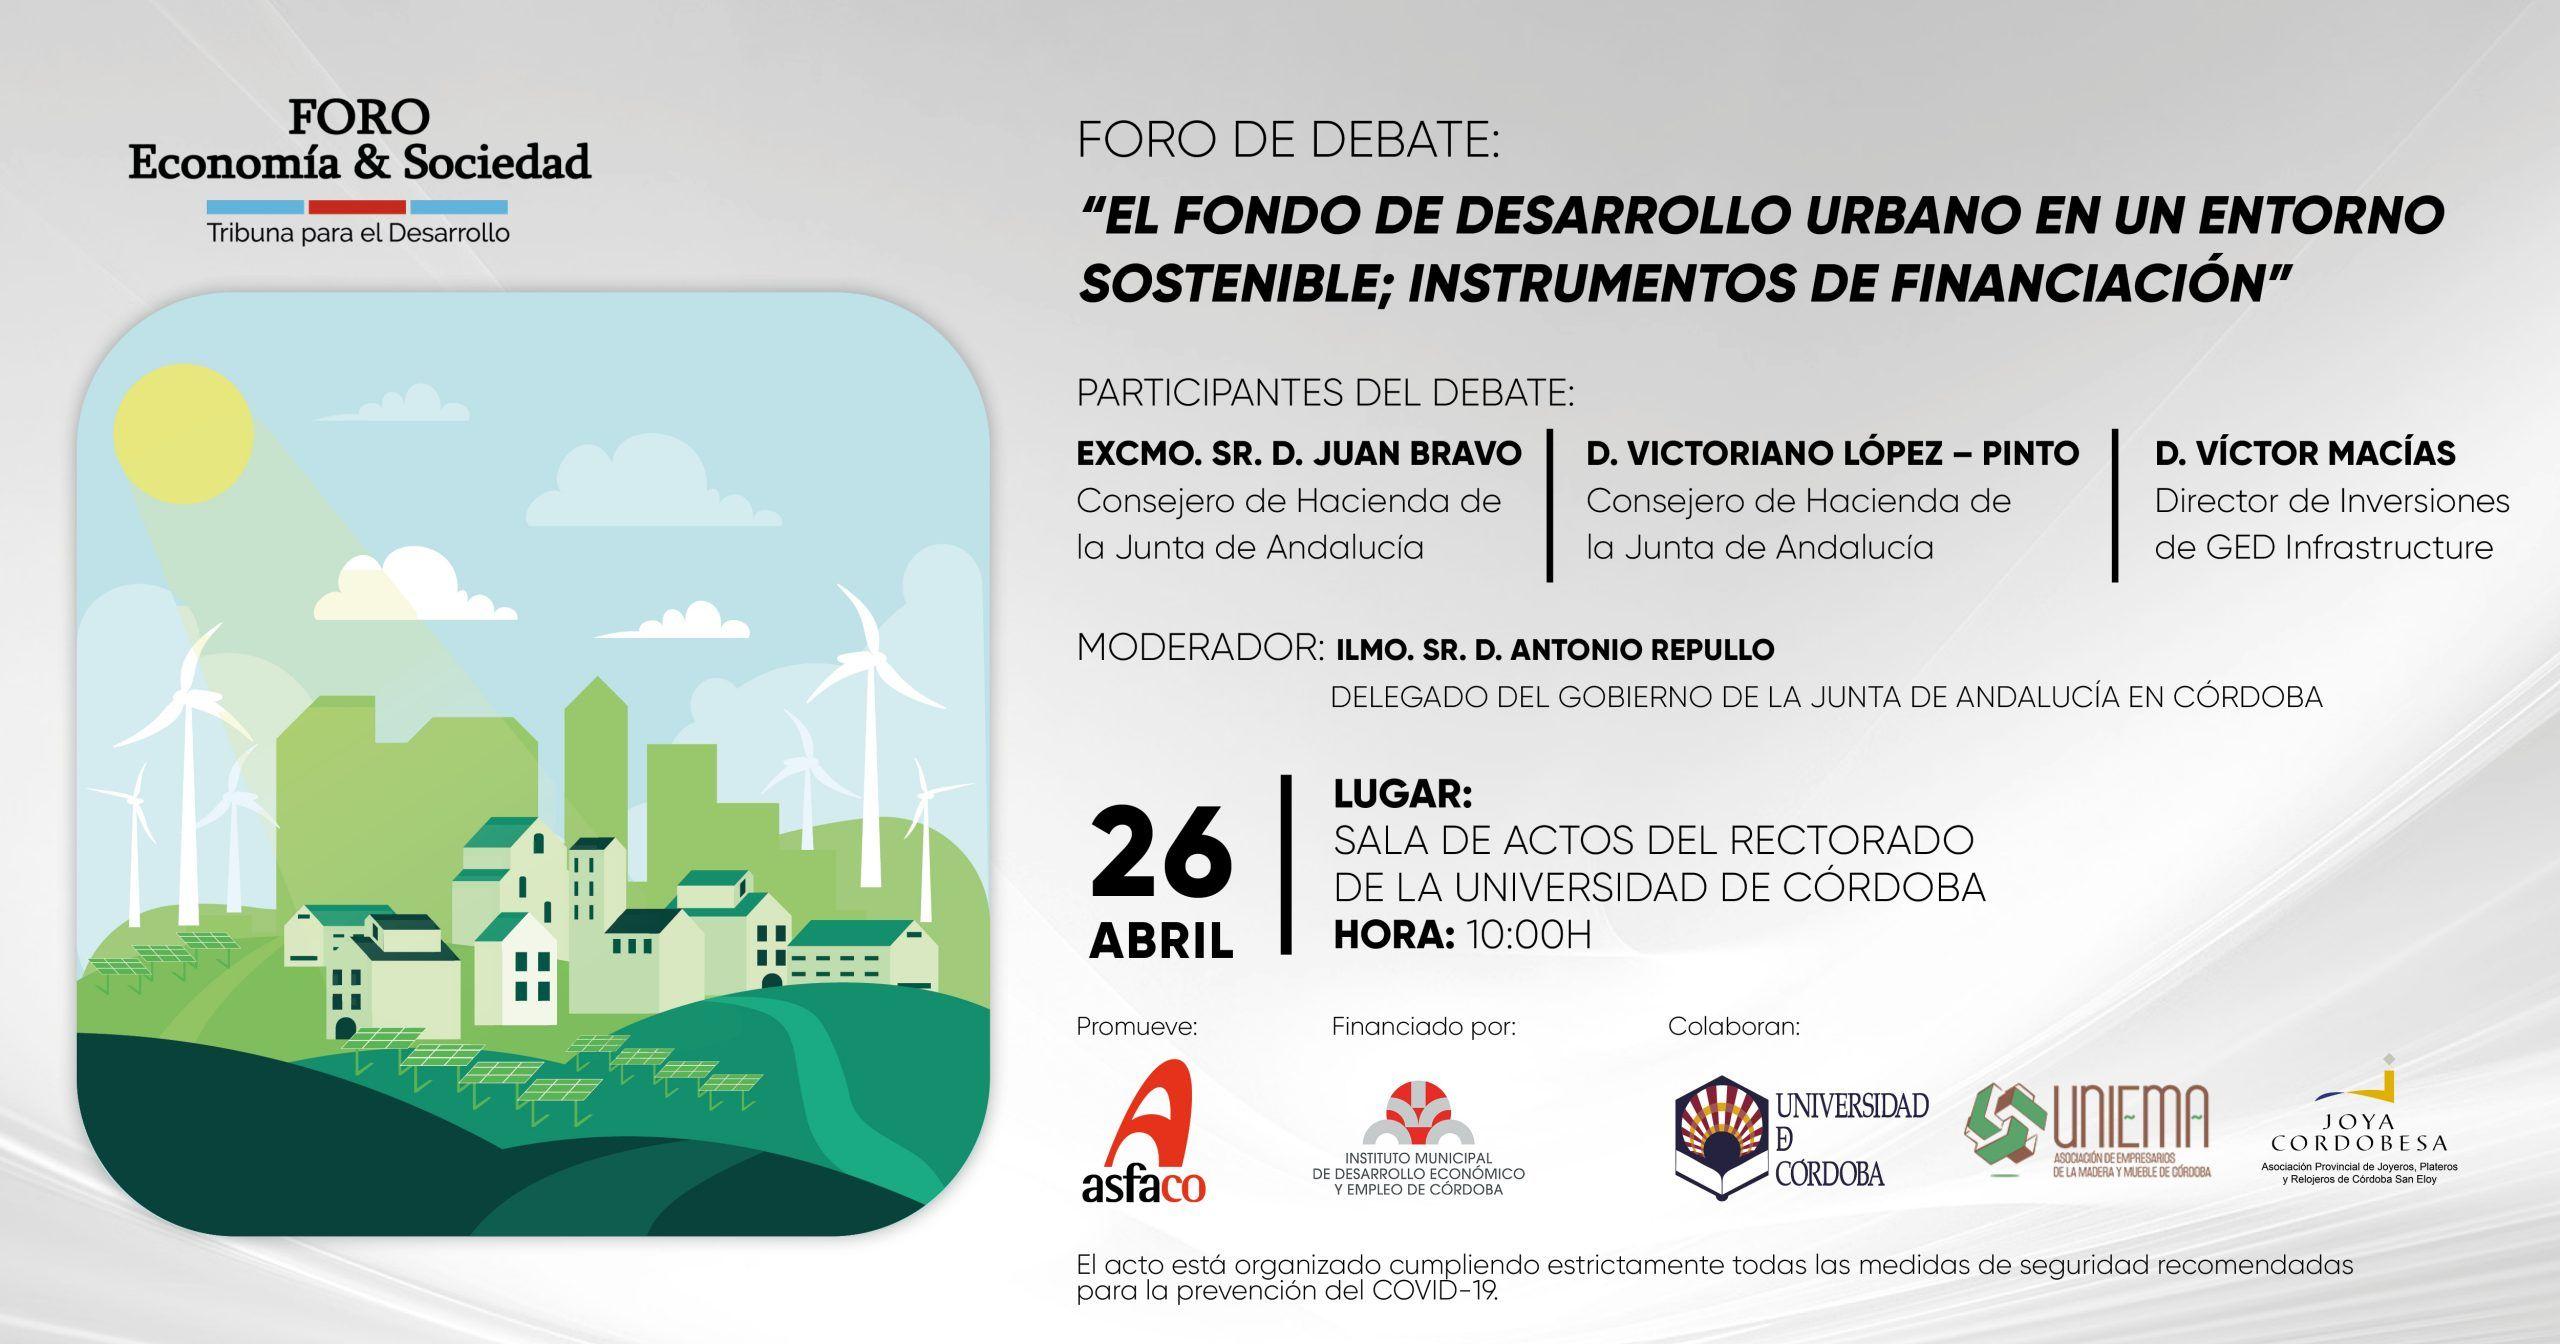 El fondo de desarrollo urbano en un entorno sostenible; instrumentos de financiación